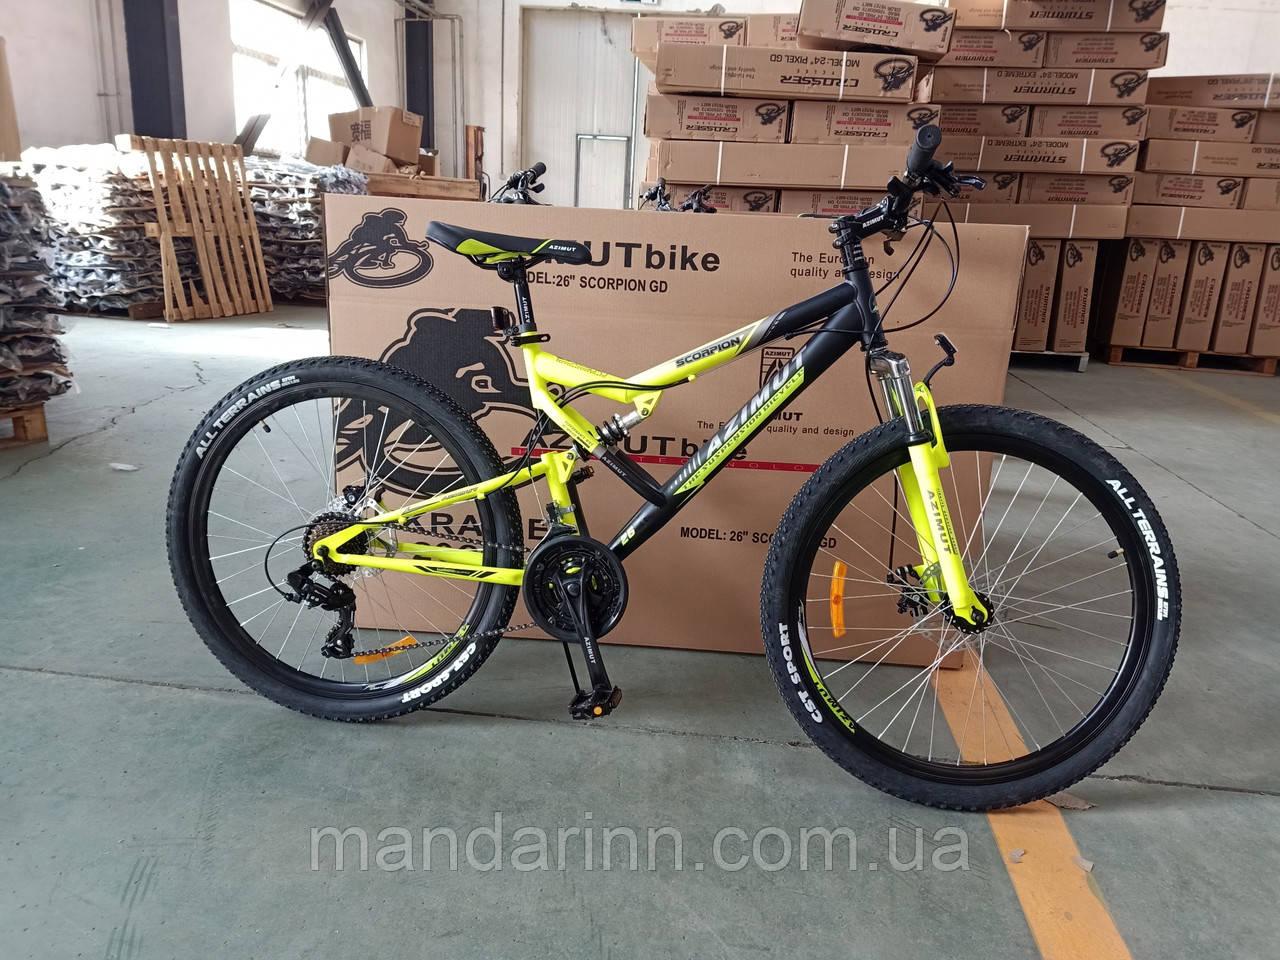 Горный велосипед Azimut Scorpion 26 дюймов. Дисковые тормоза. Желто-черный